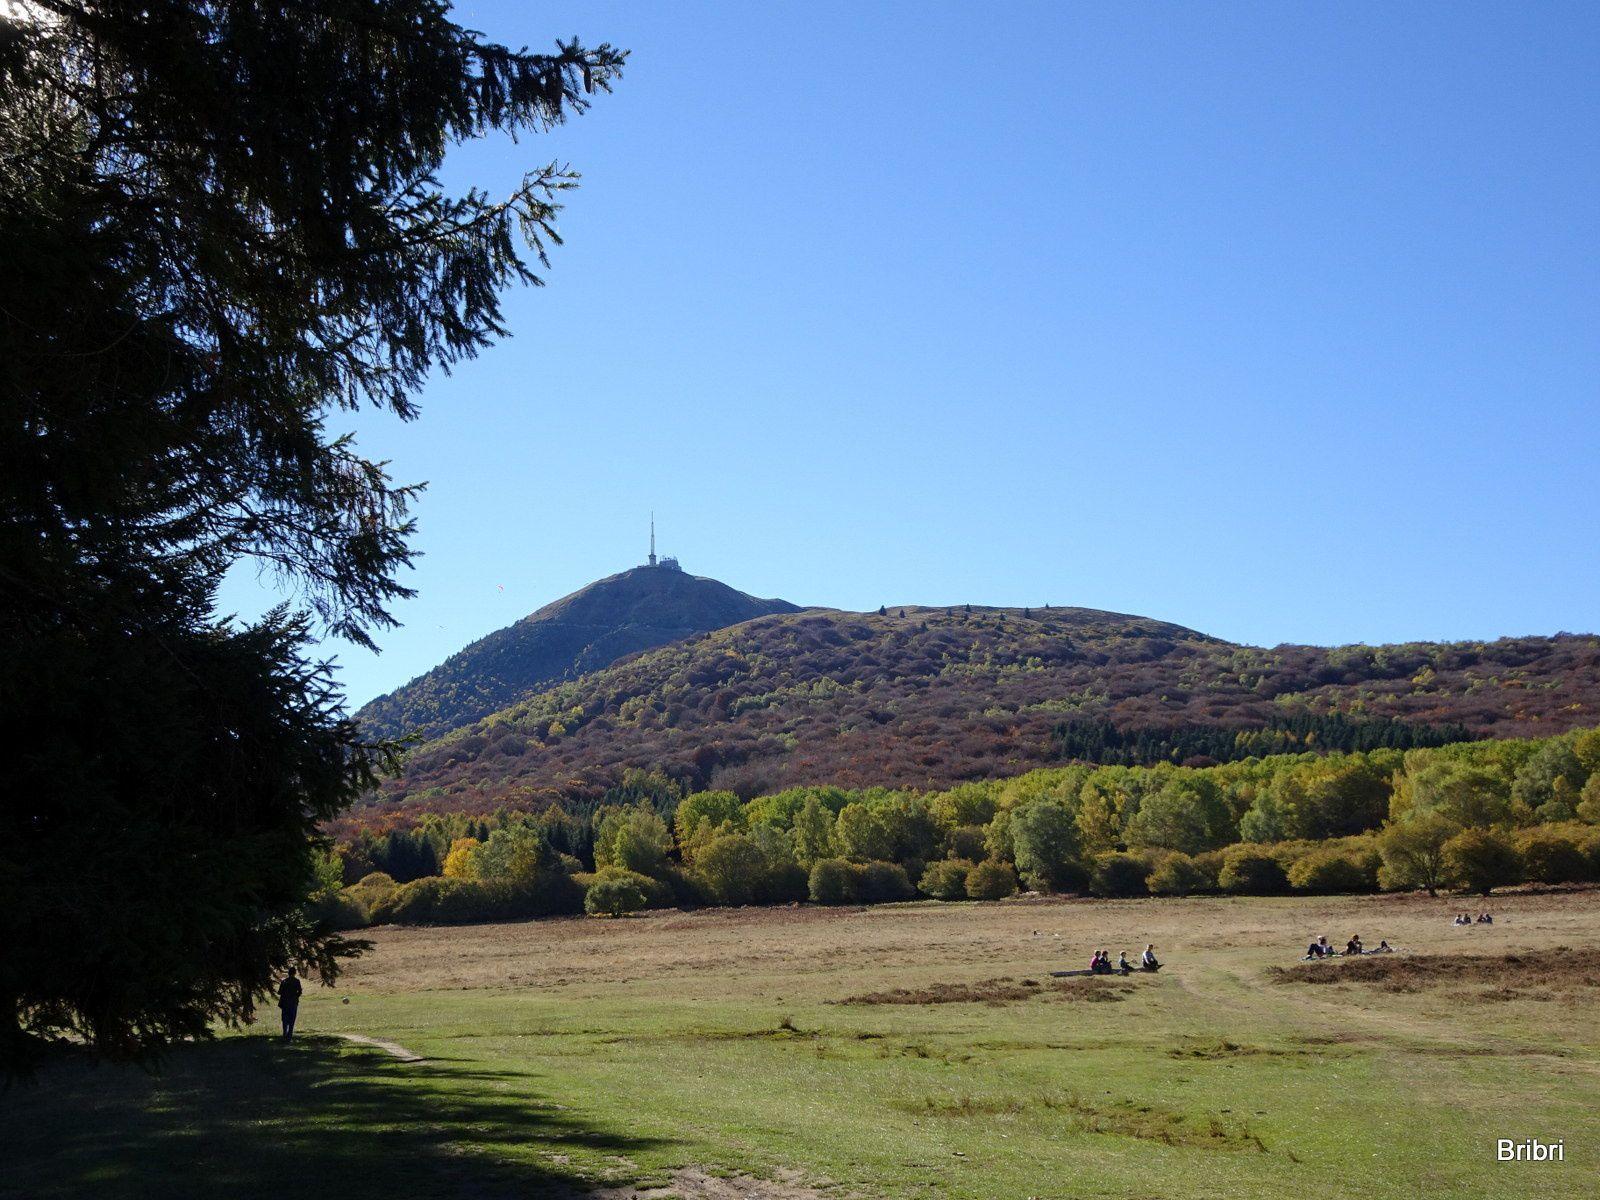 Nous arrivons vers la plaine de Laschamps, beaucoup de monde au pied du Puy-de-Dôme et du Pariou.